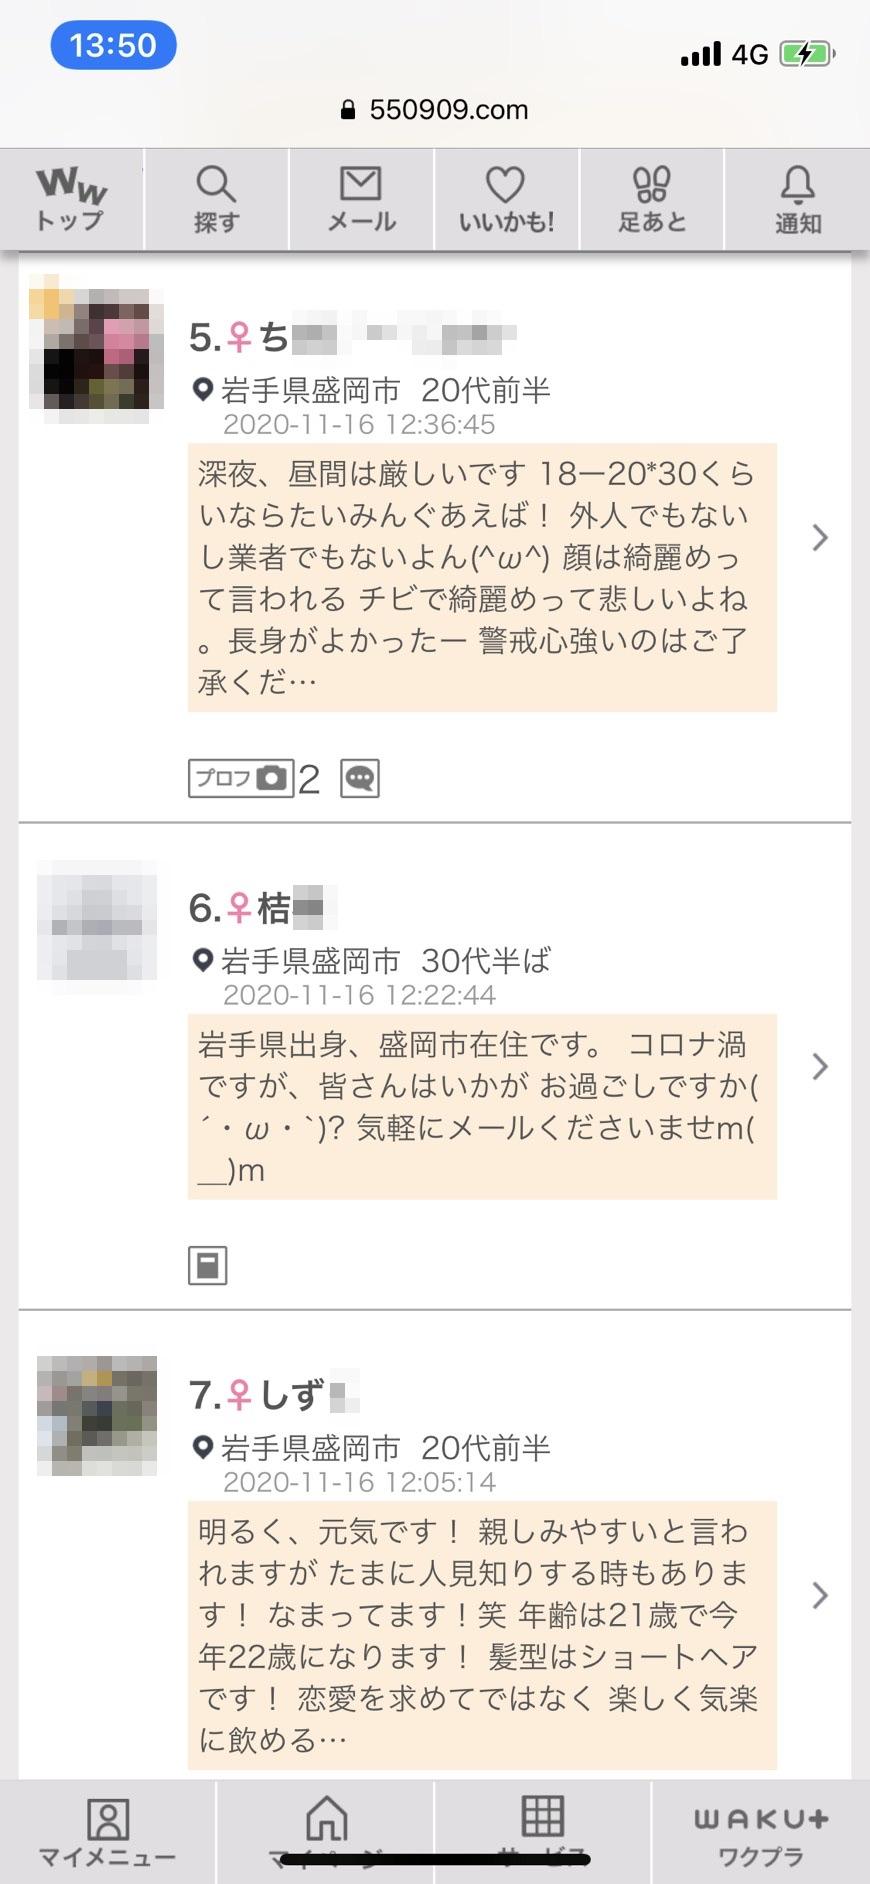 盛岡・出会い希望(ワクワクメール)